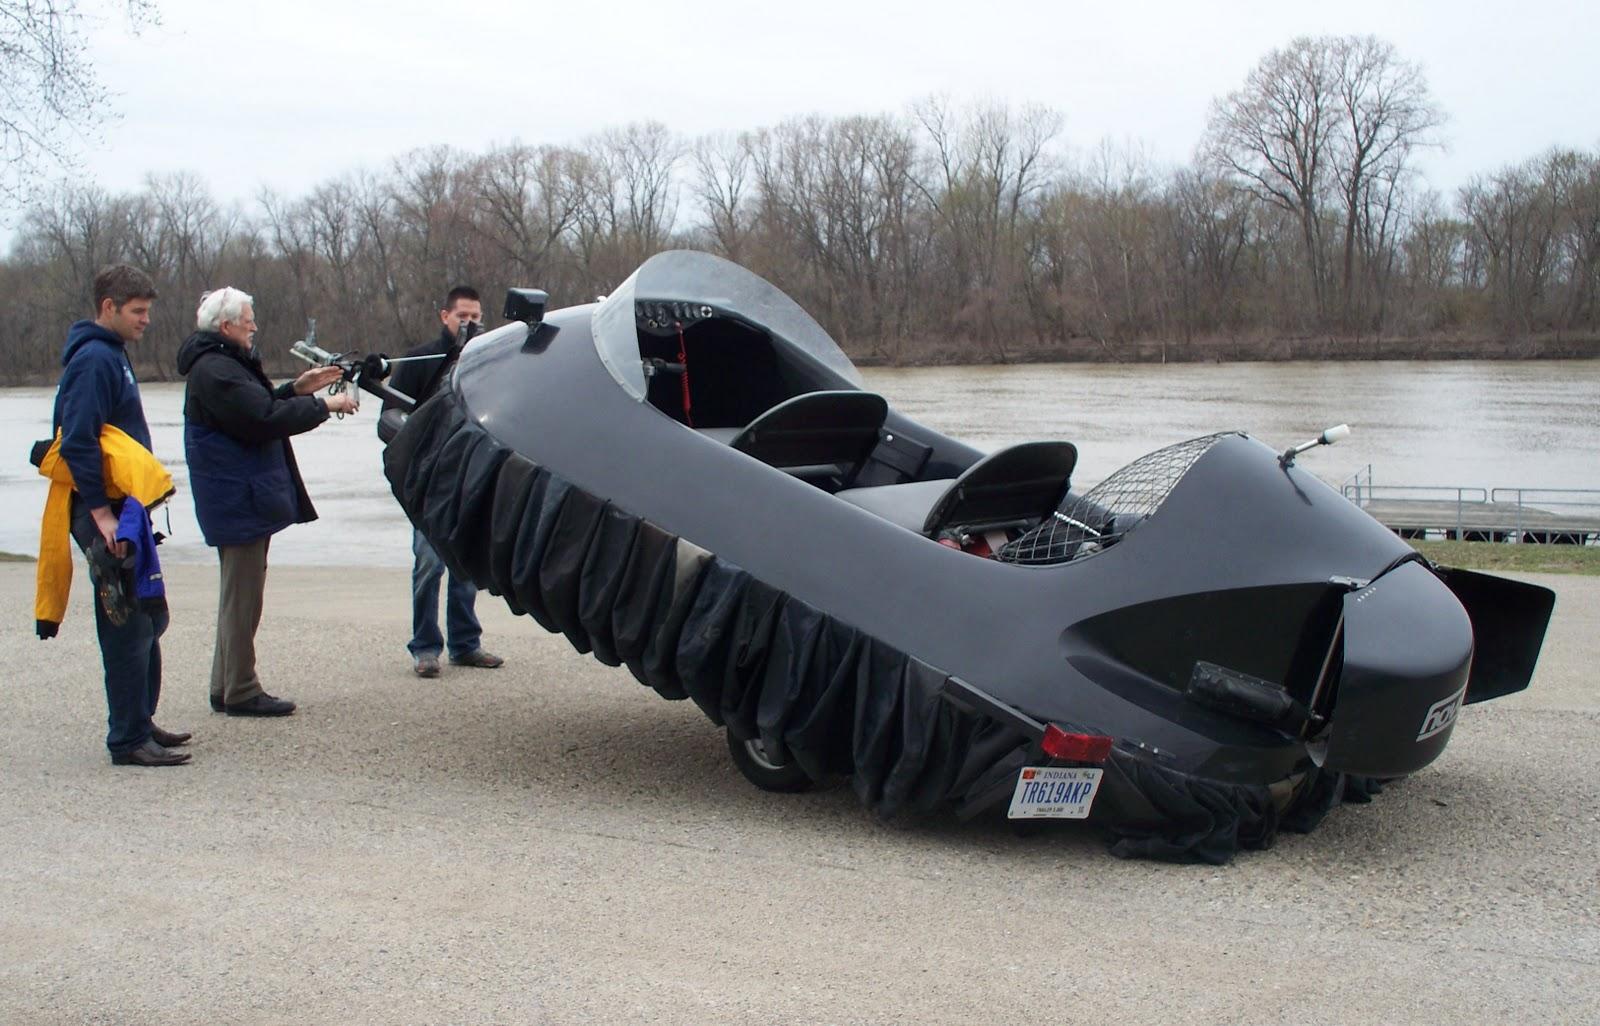 Катер на воздушной подушке построить своими руками